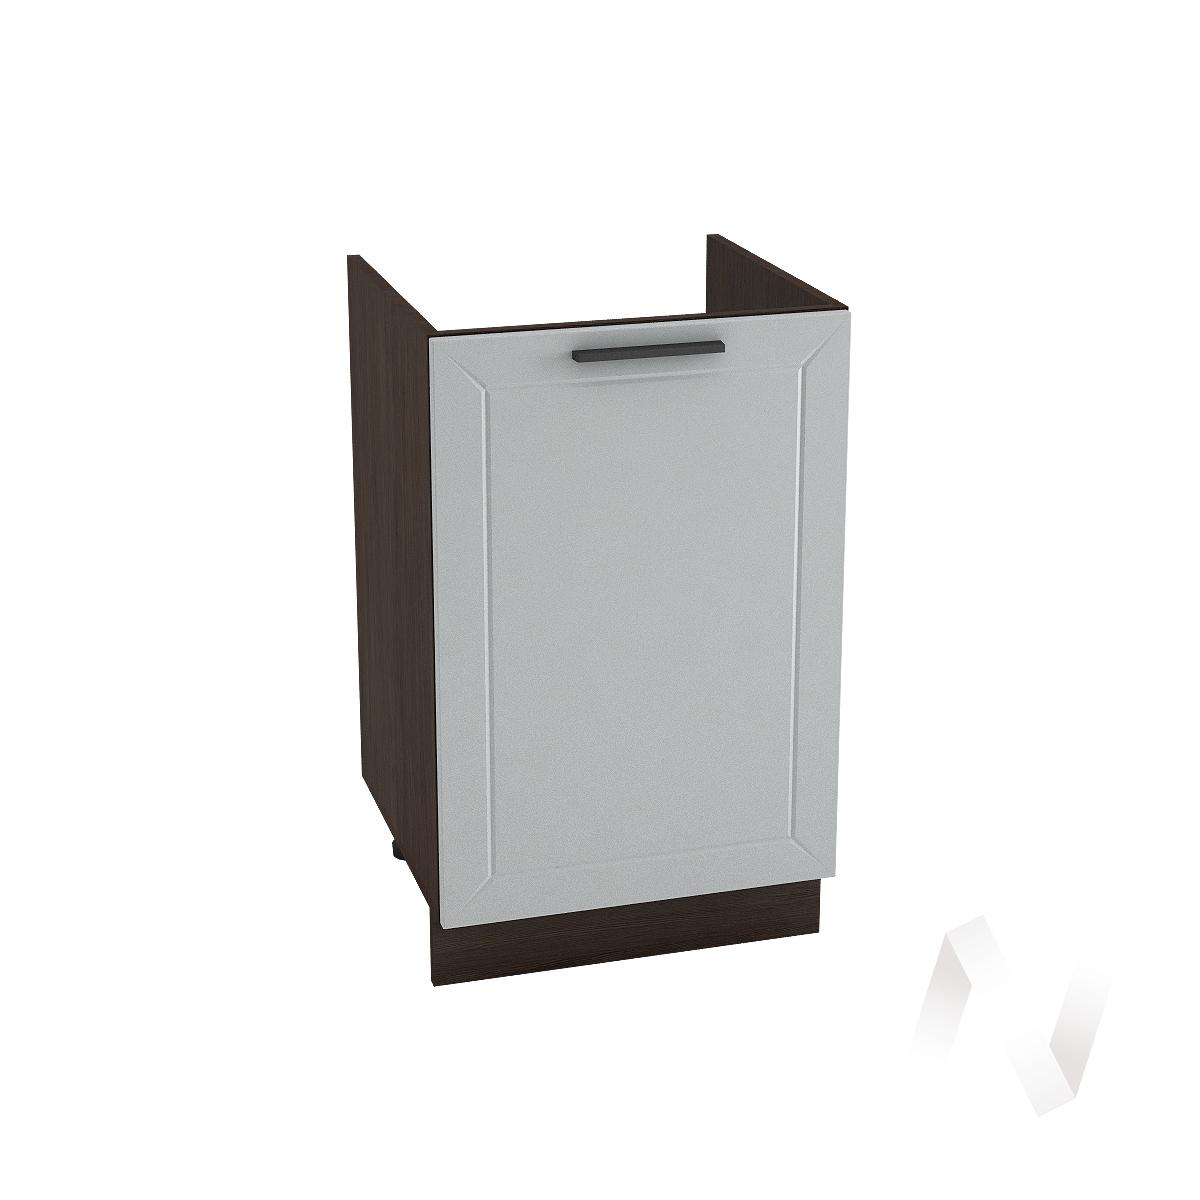 """Кухня """"Глетчер"""": Шкаф нижний под мойку 500, ШНМ 500 (Гейнсборо Силк/корпус венге)"""